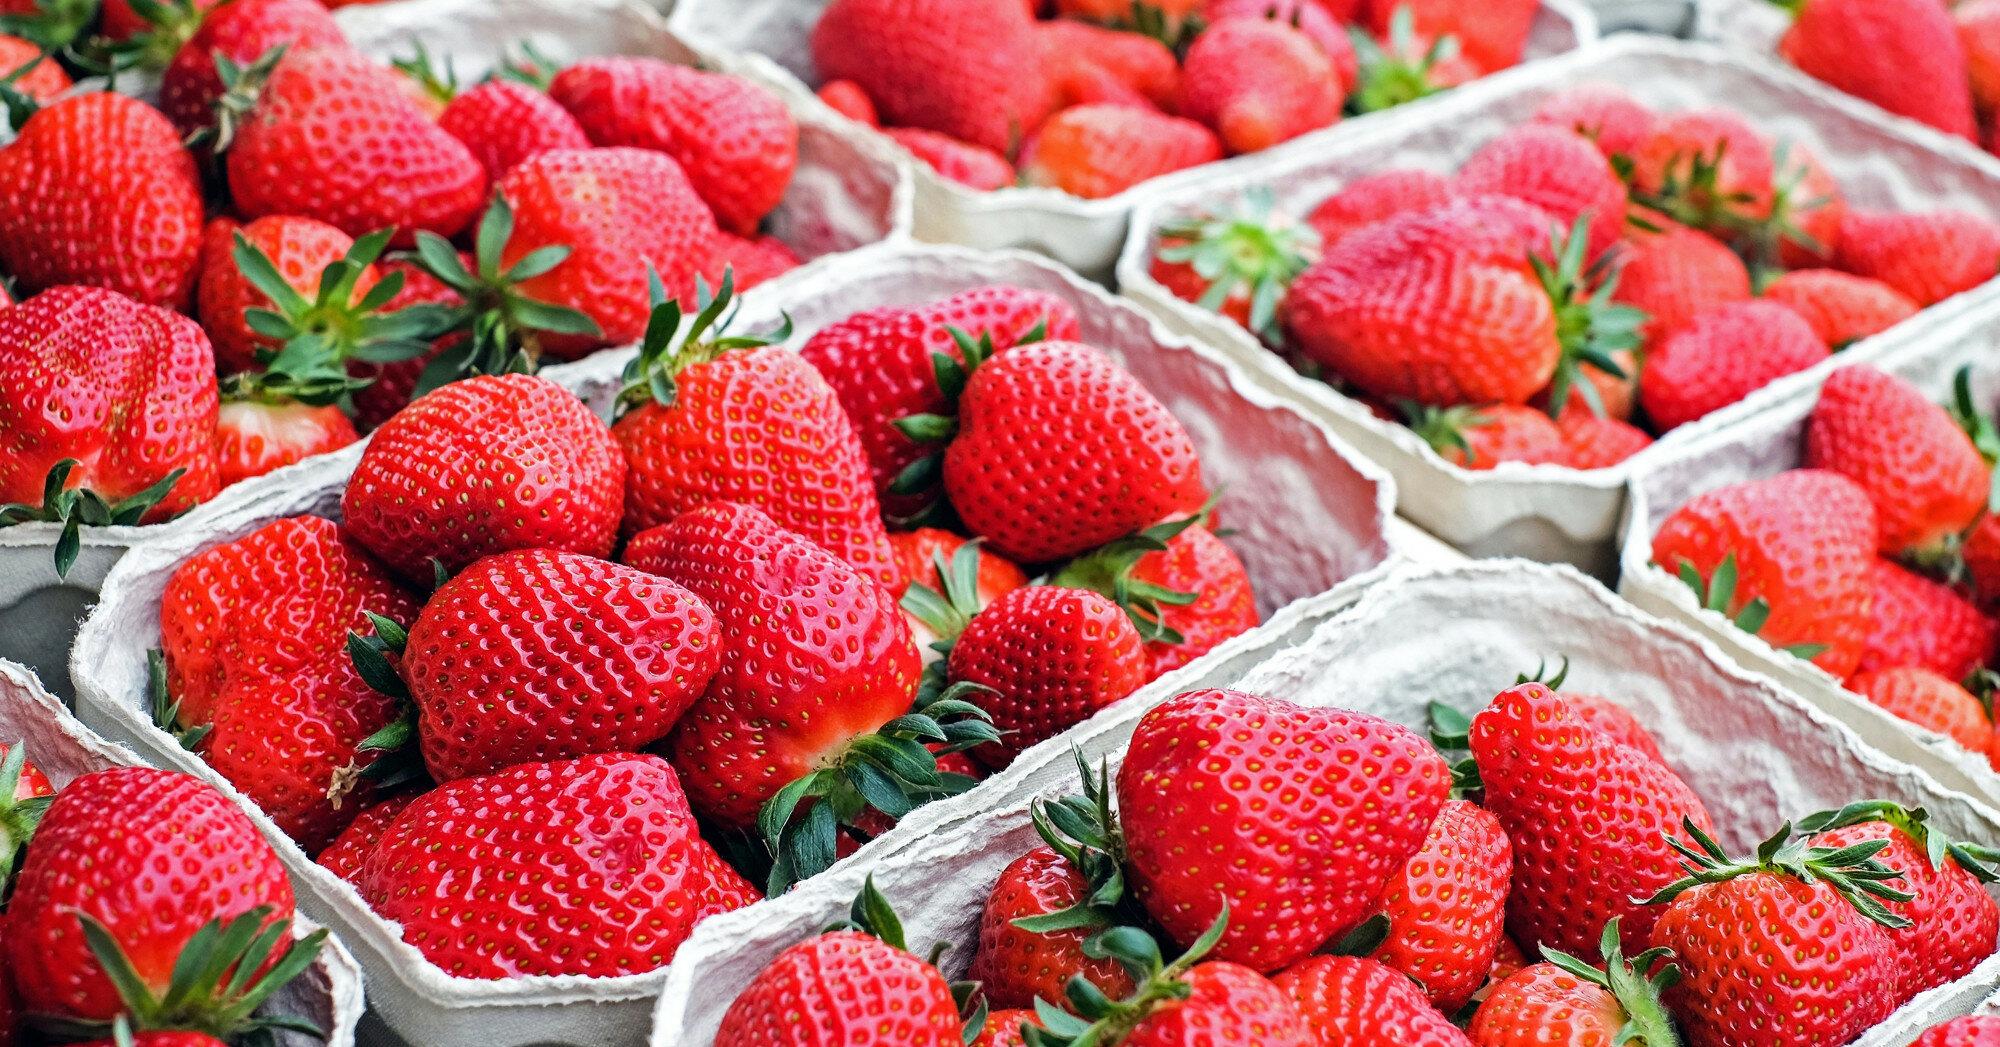 Сбор урожая ягод: сколько платят наши и польские фермеры